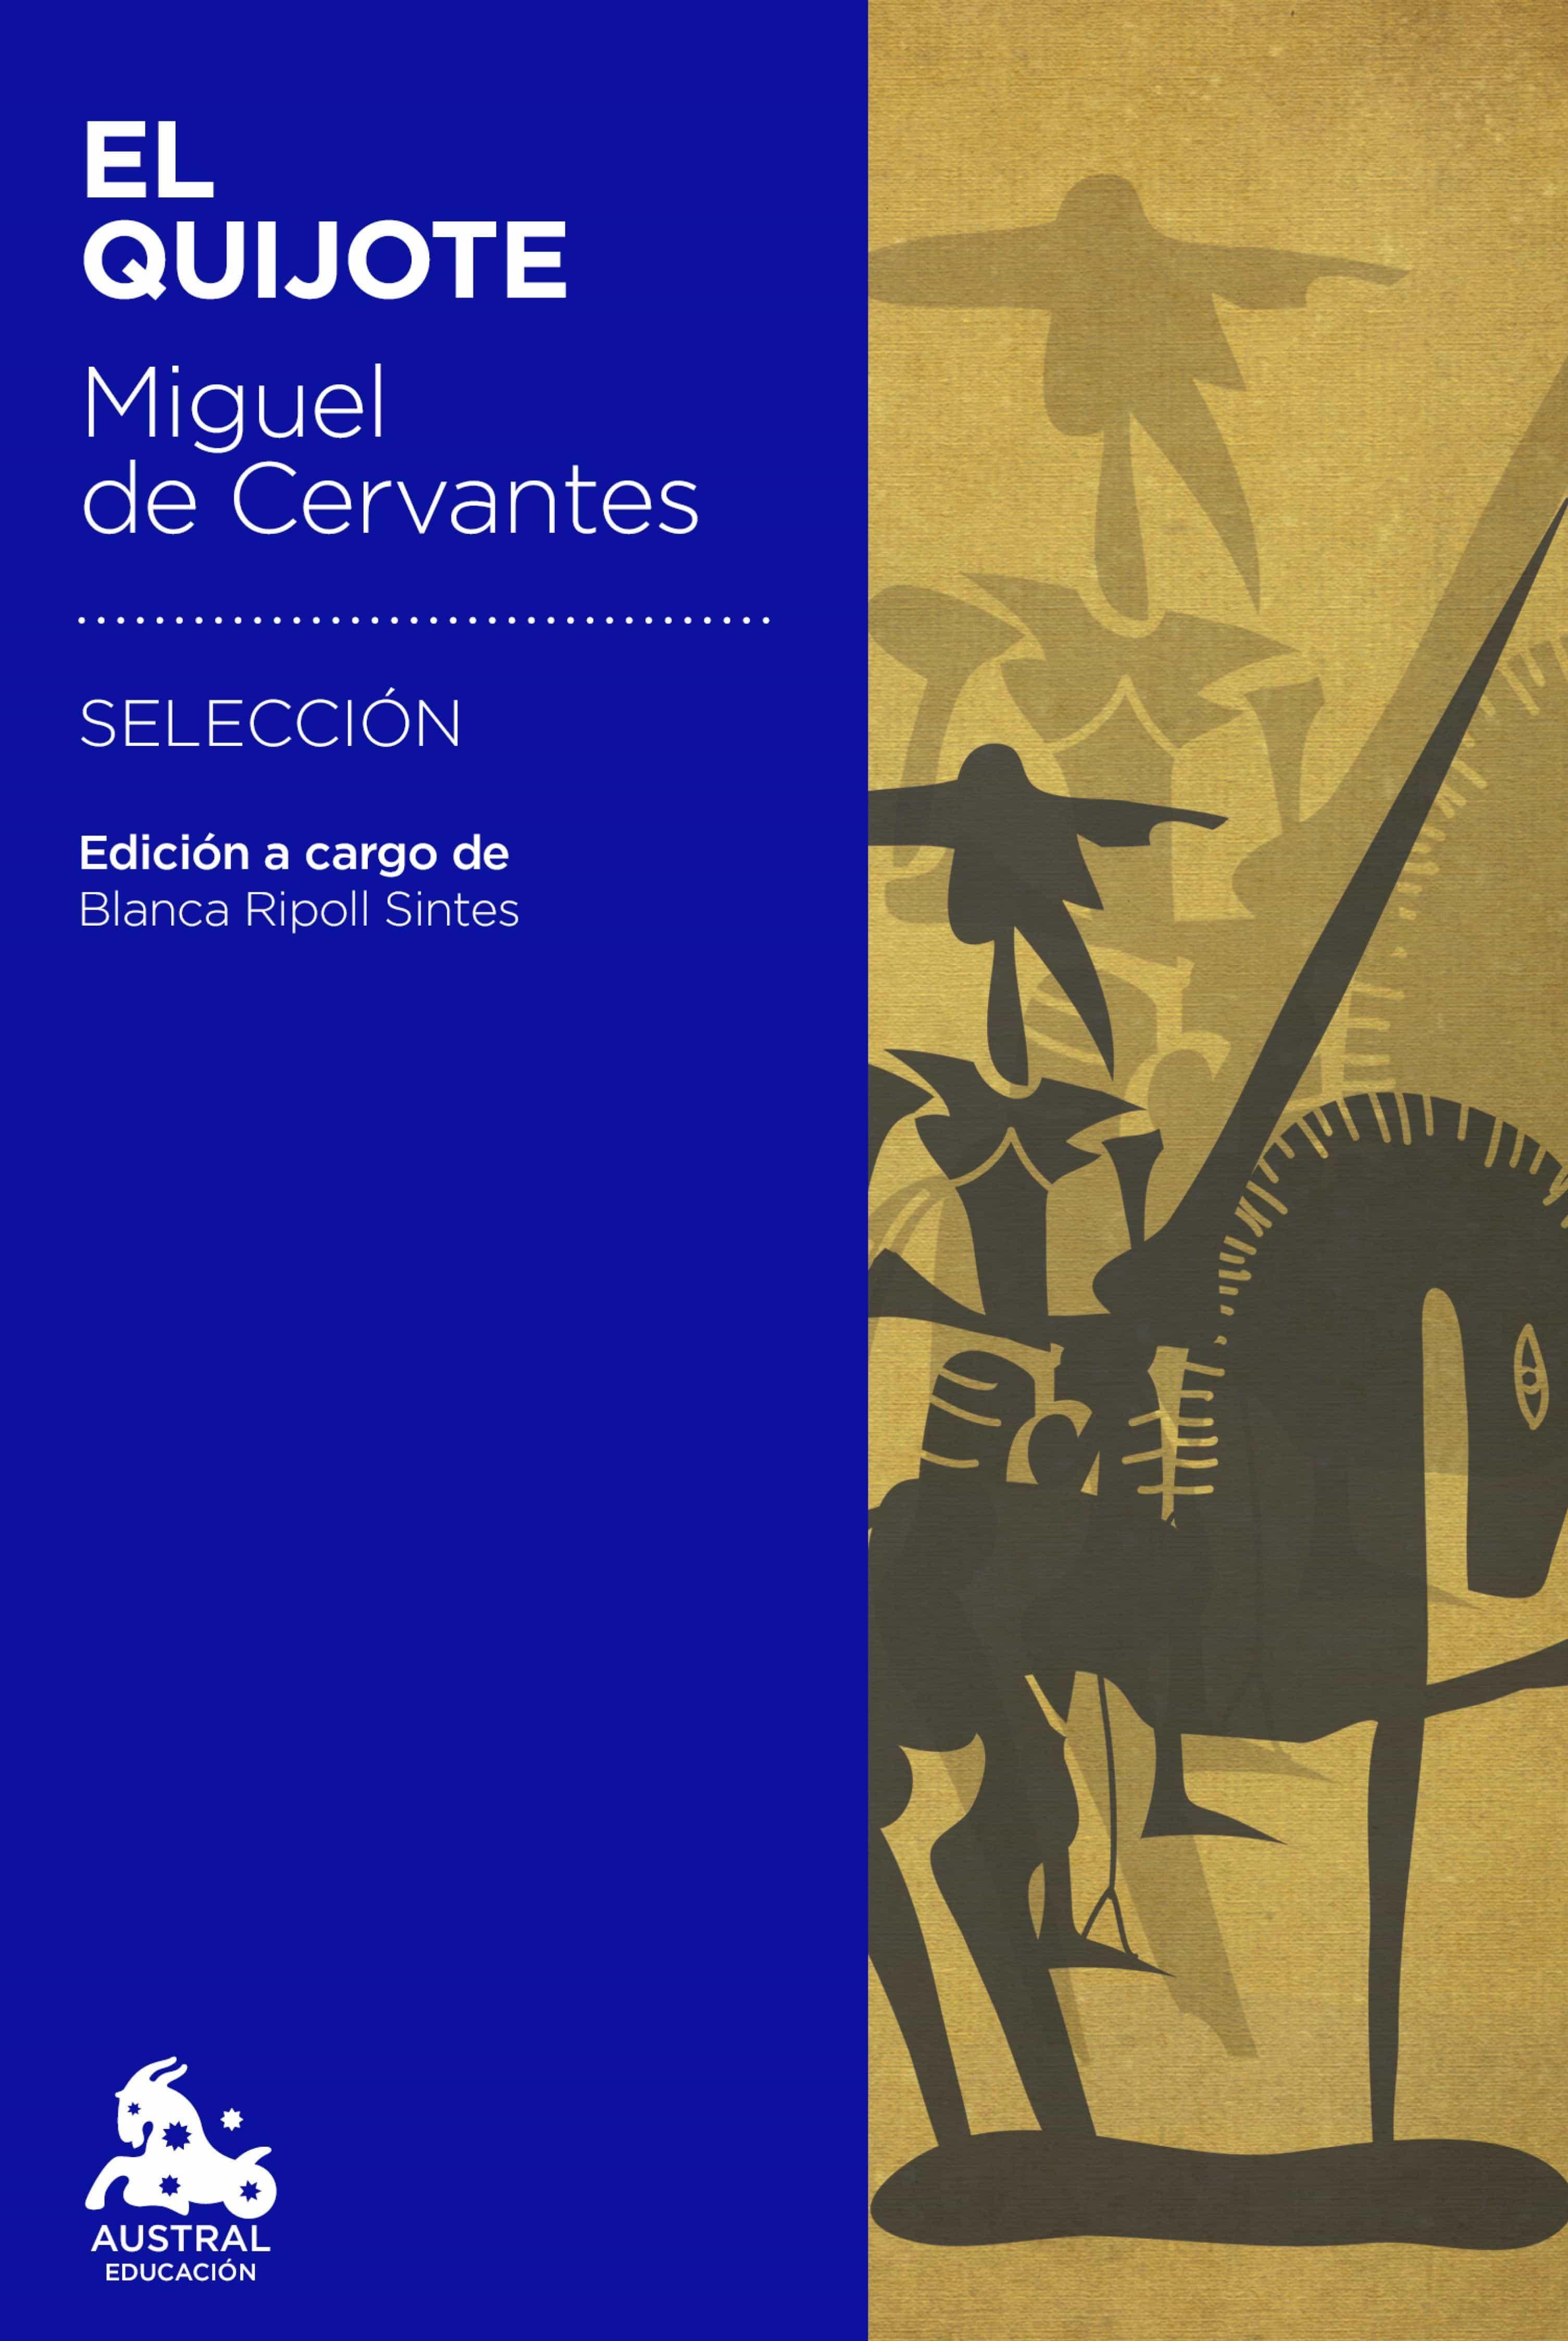 El Quijote: Edición a cargo de Blanca Ripoll Sintes